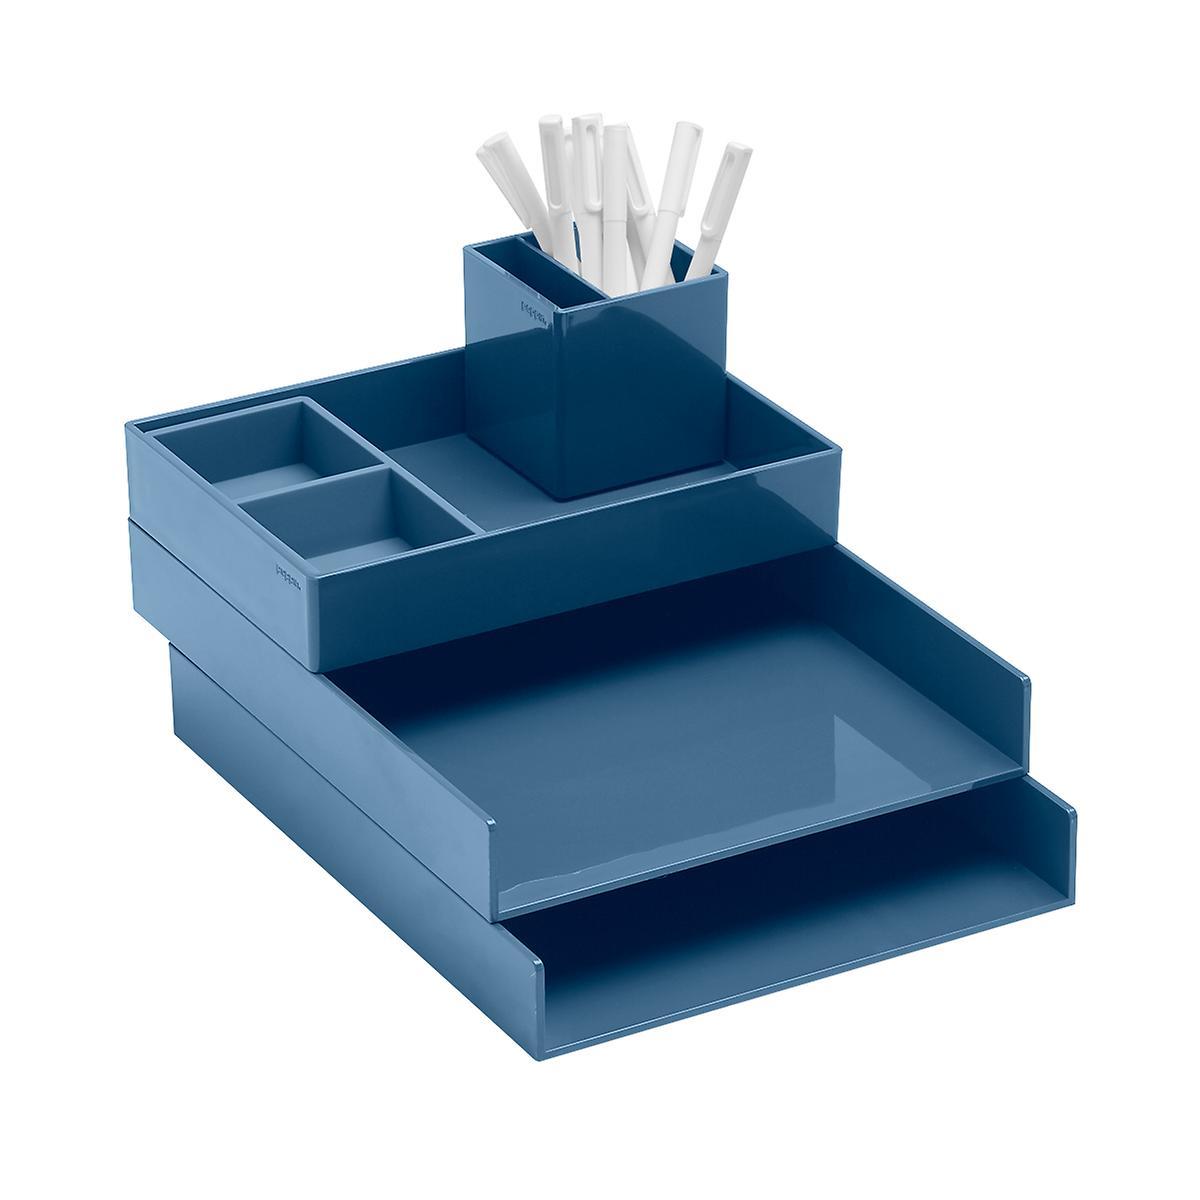 Slate Blue Poppin Letter Tray Starter Kit